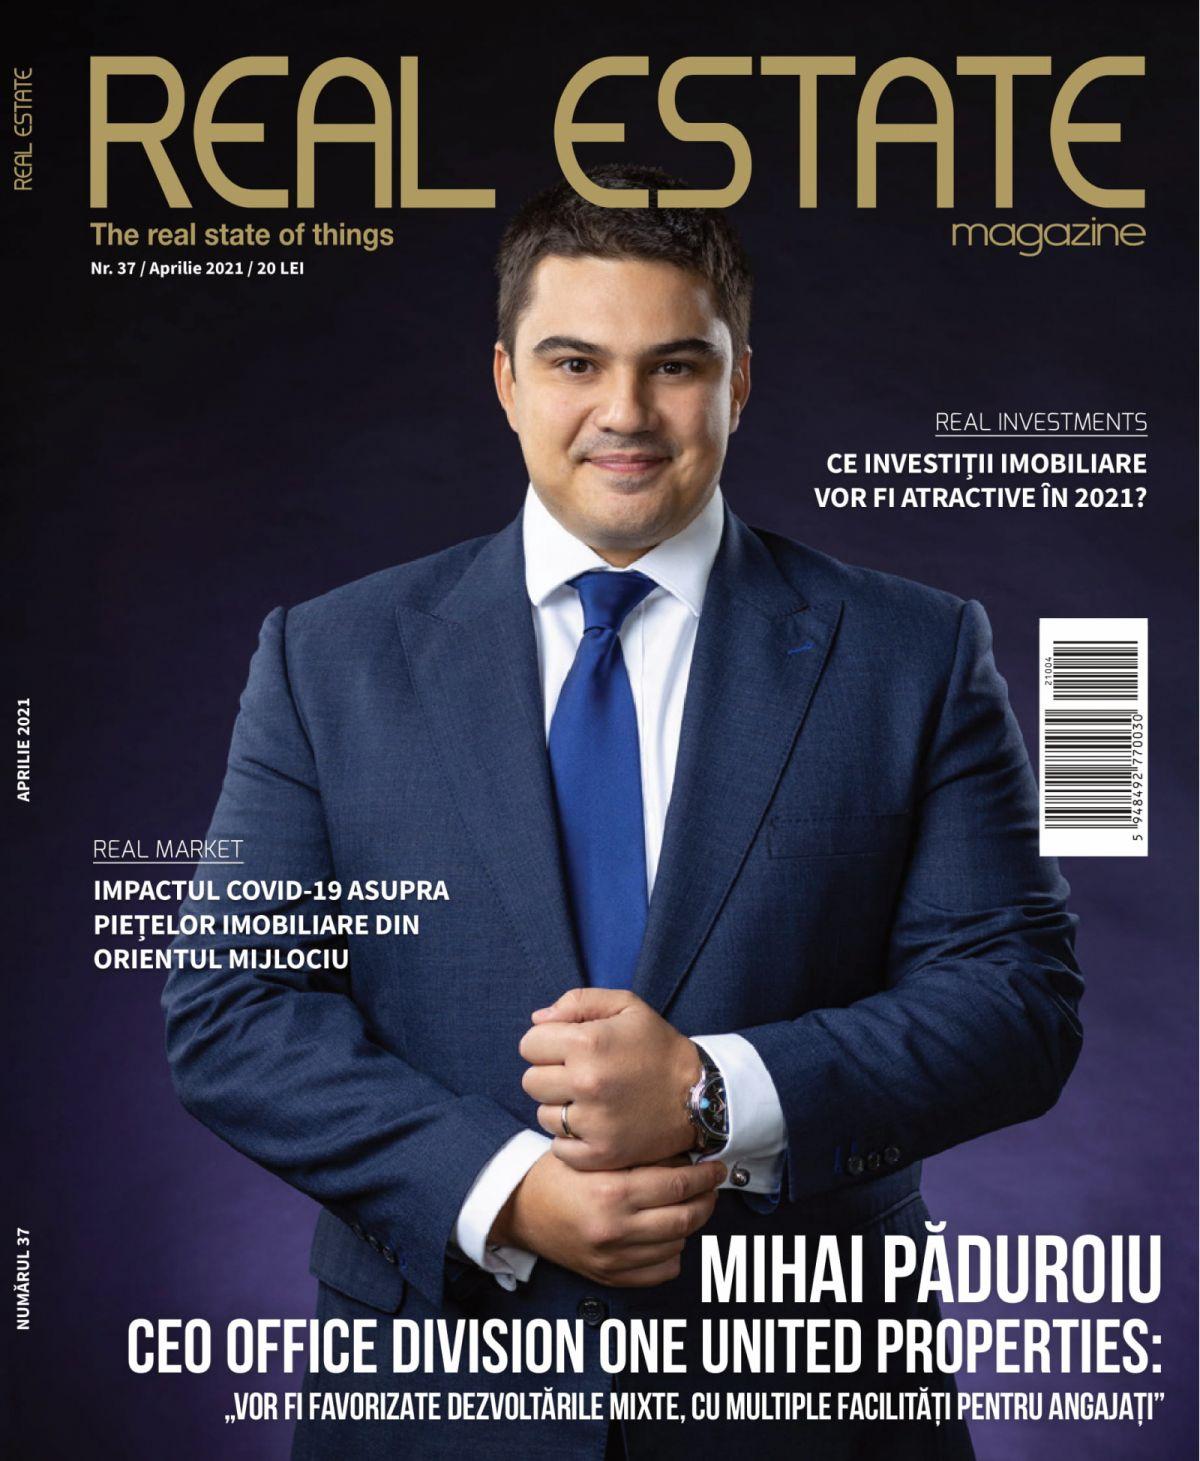 Real Estate Magazine Cover